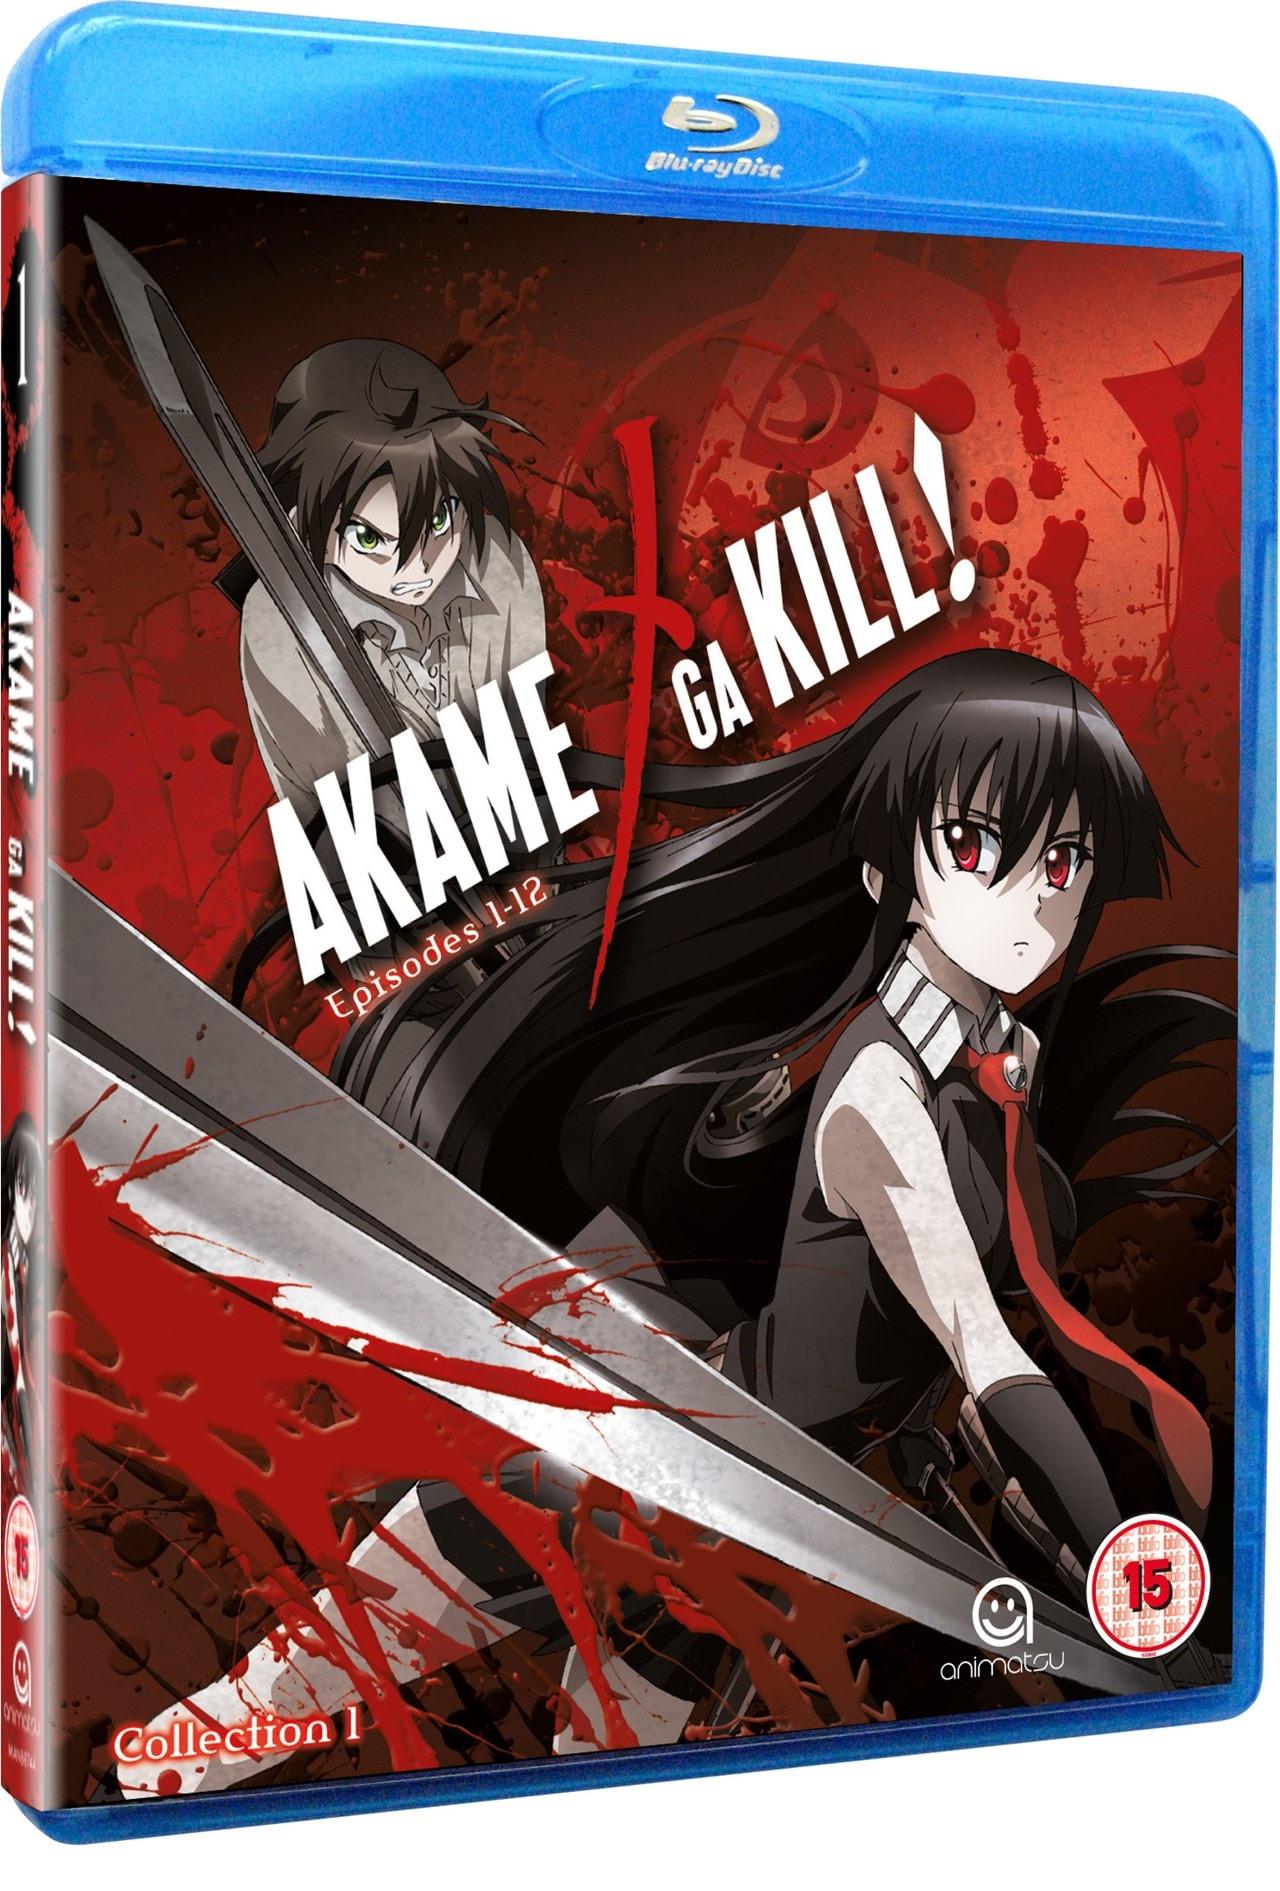 Akame Ga Kill: Collection 1 - 1